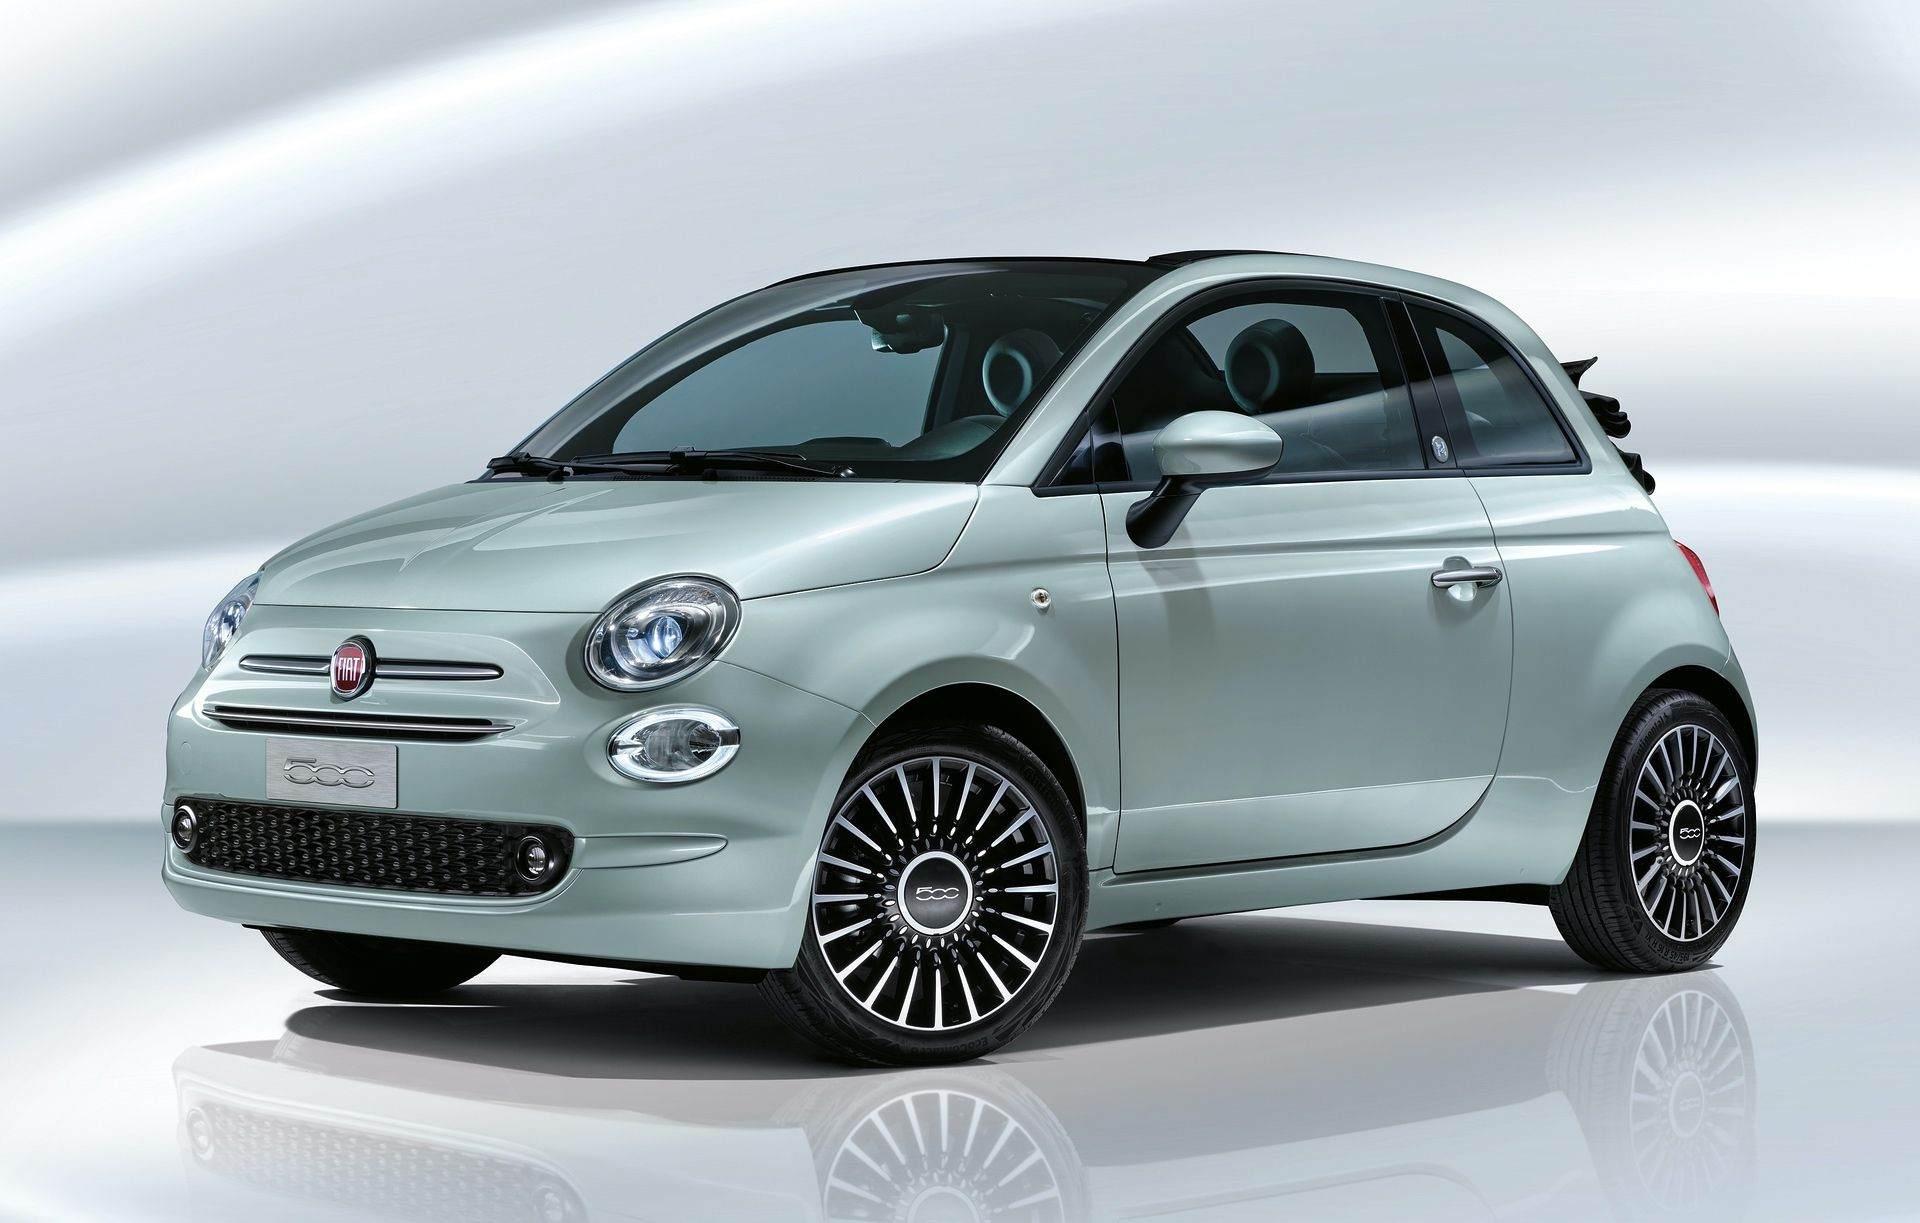 200108_Fiat_500-Hybrid-Launch-Edition_01